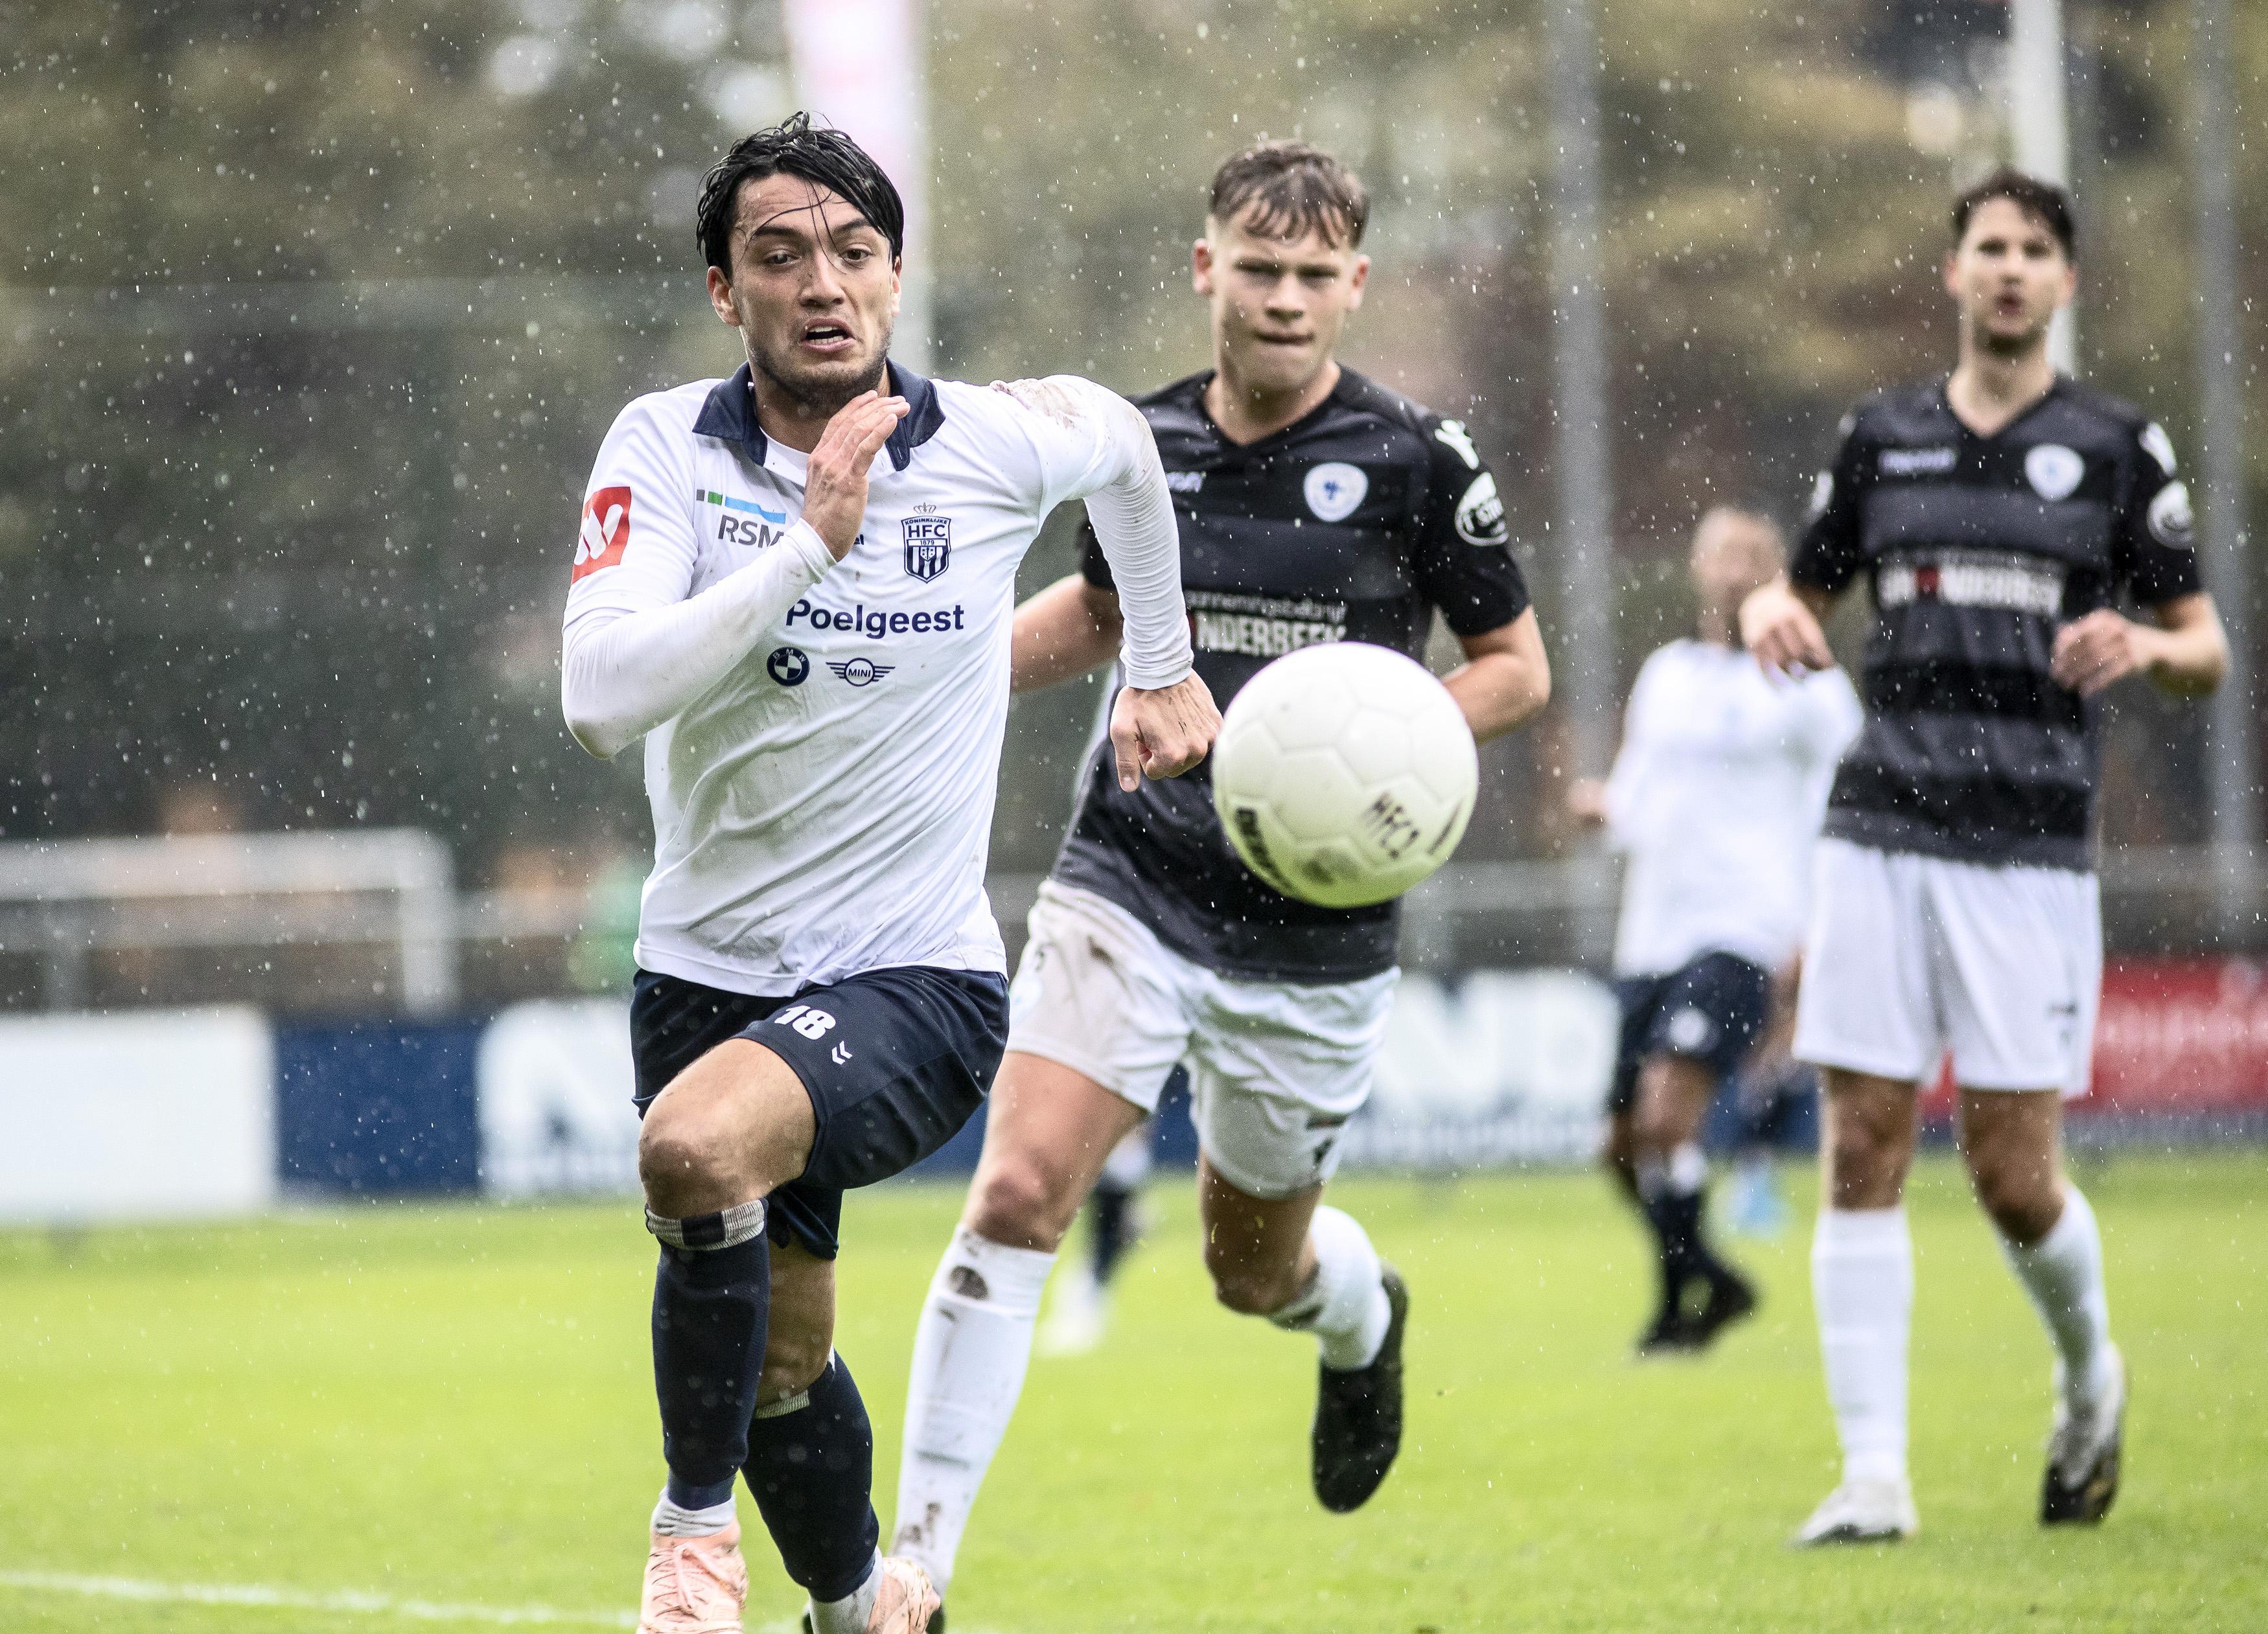 'Het is misschien raar om te zeggen na een nederlaag, maar ik ben trots op die gasten': verliespartij met perspectieven voor Koninklijke HFC